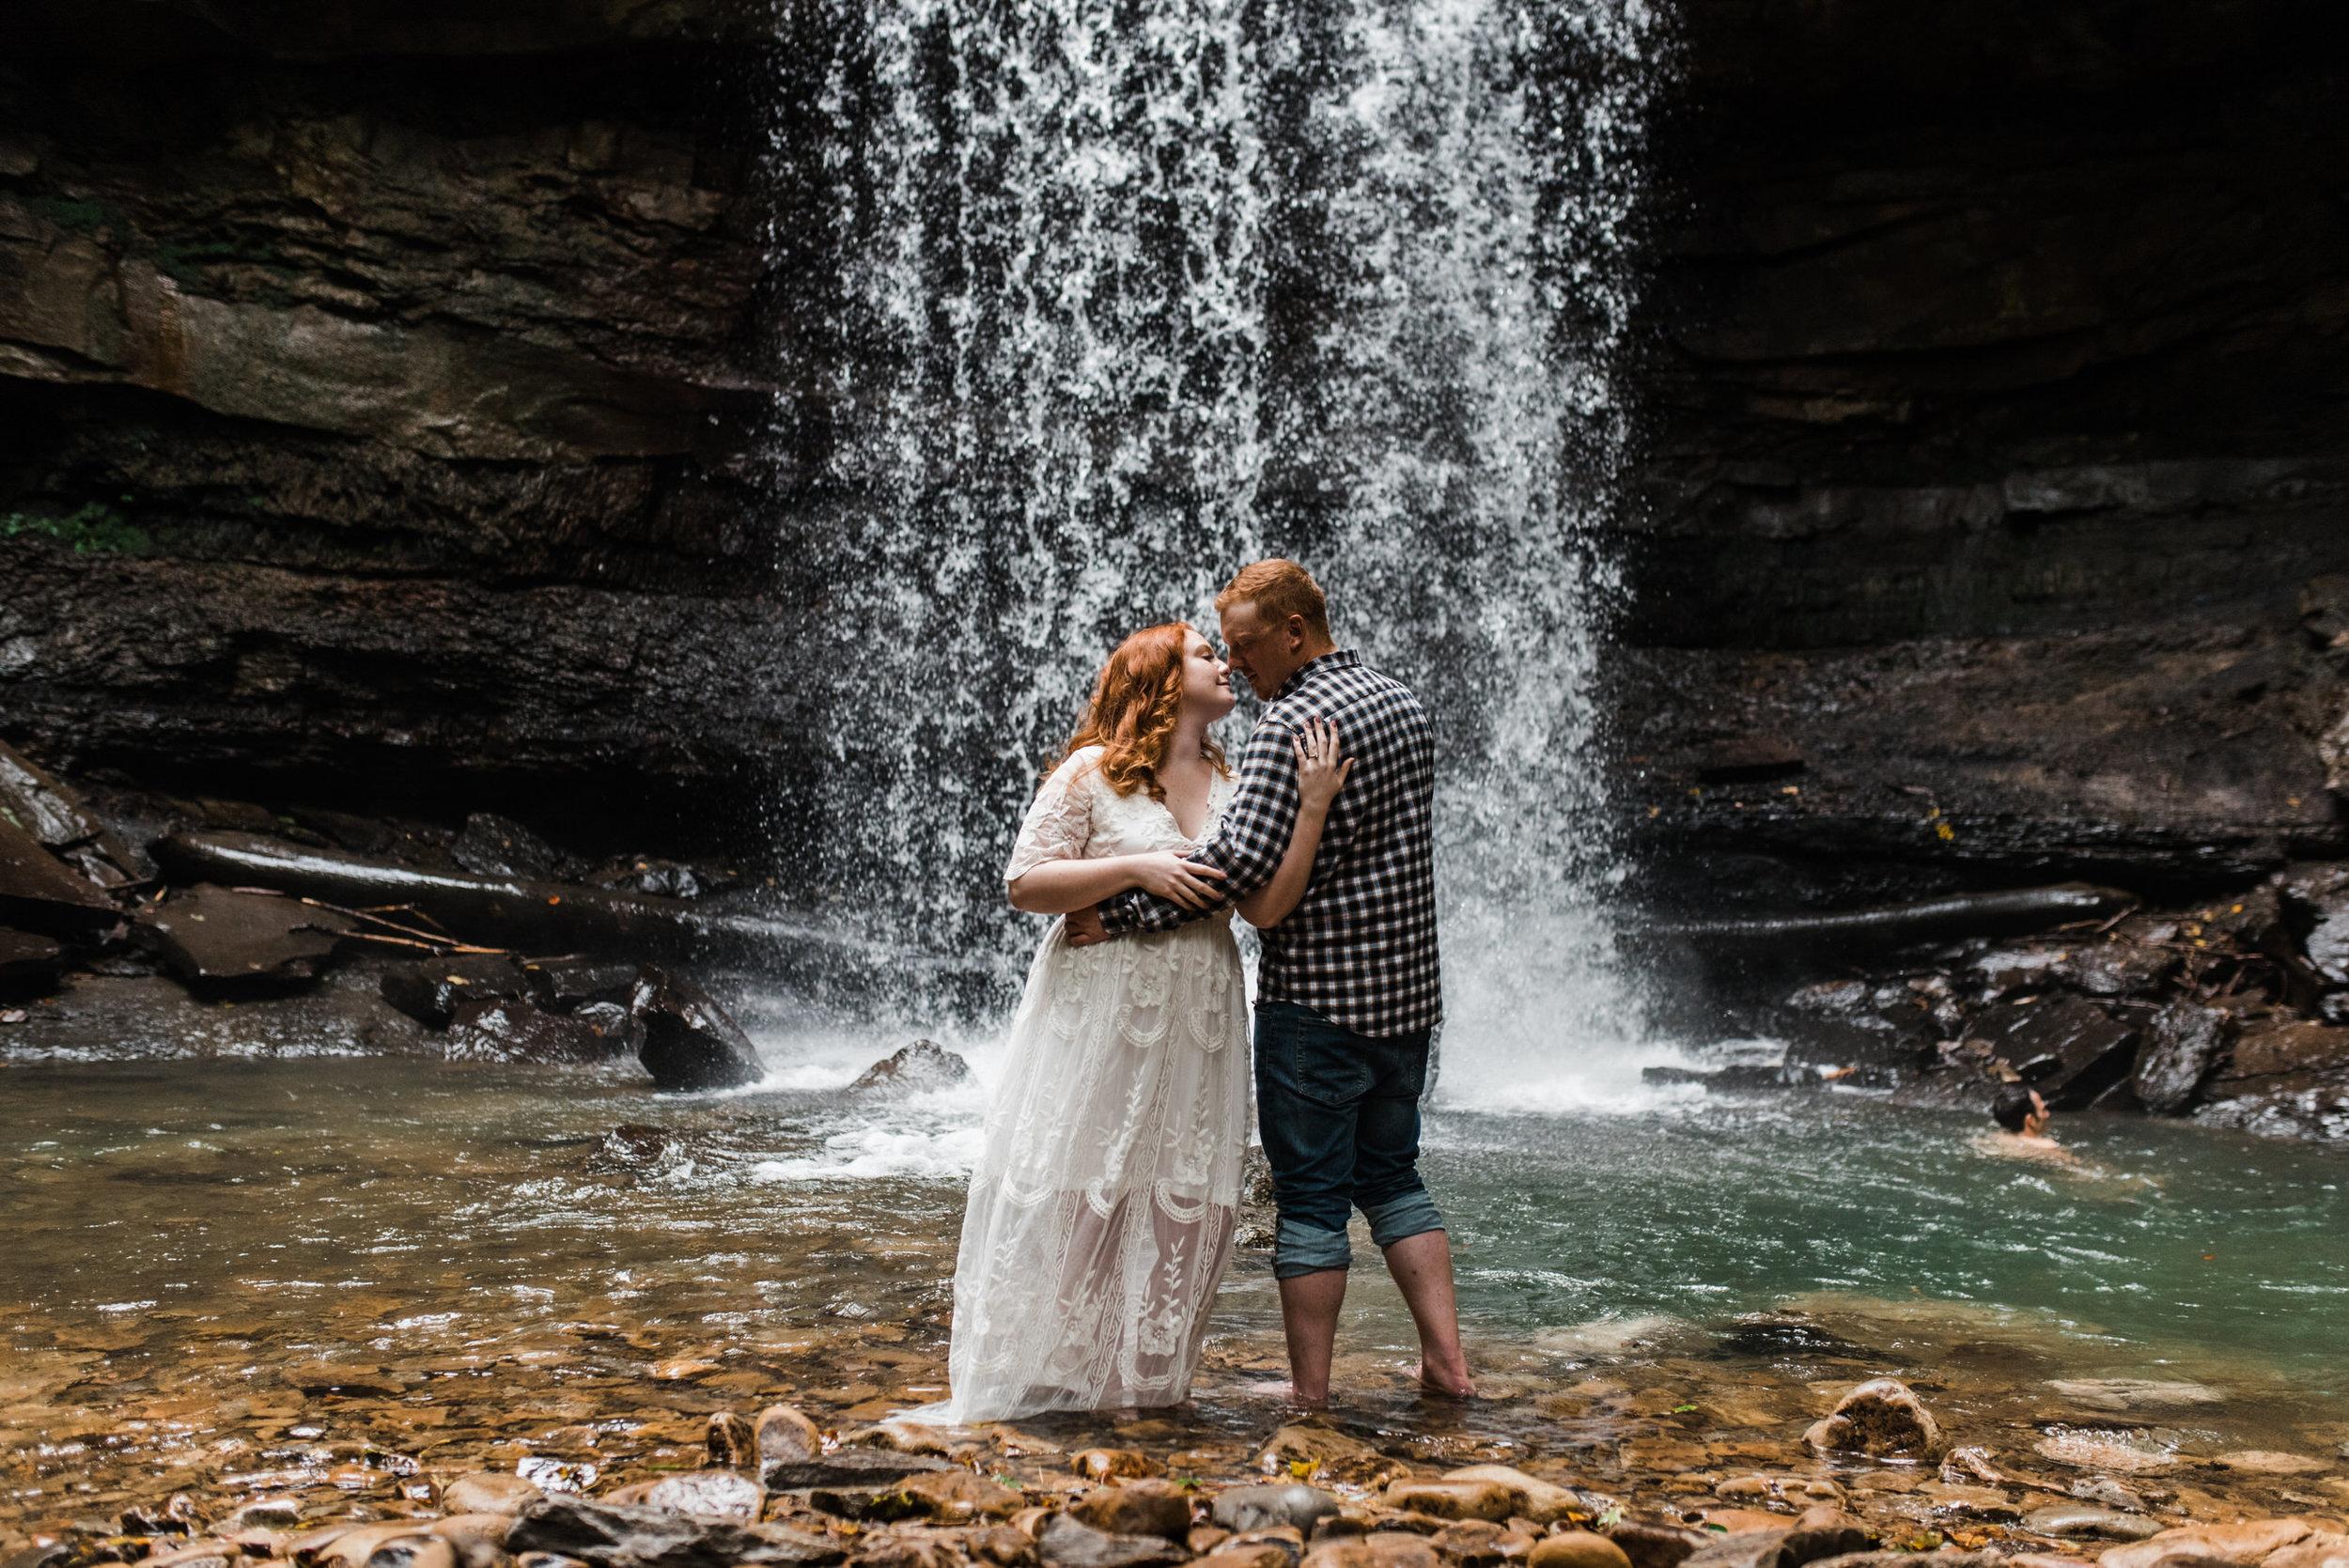 Ohio-Pyle-Engagement_Photos-Ashley-Reed_Photography_026.jpg